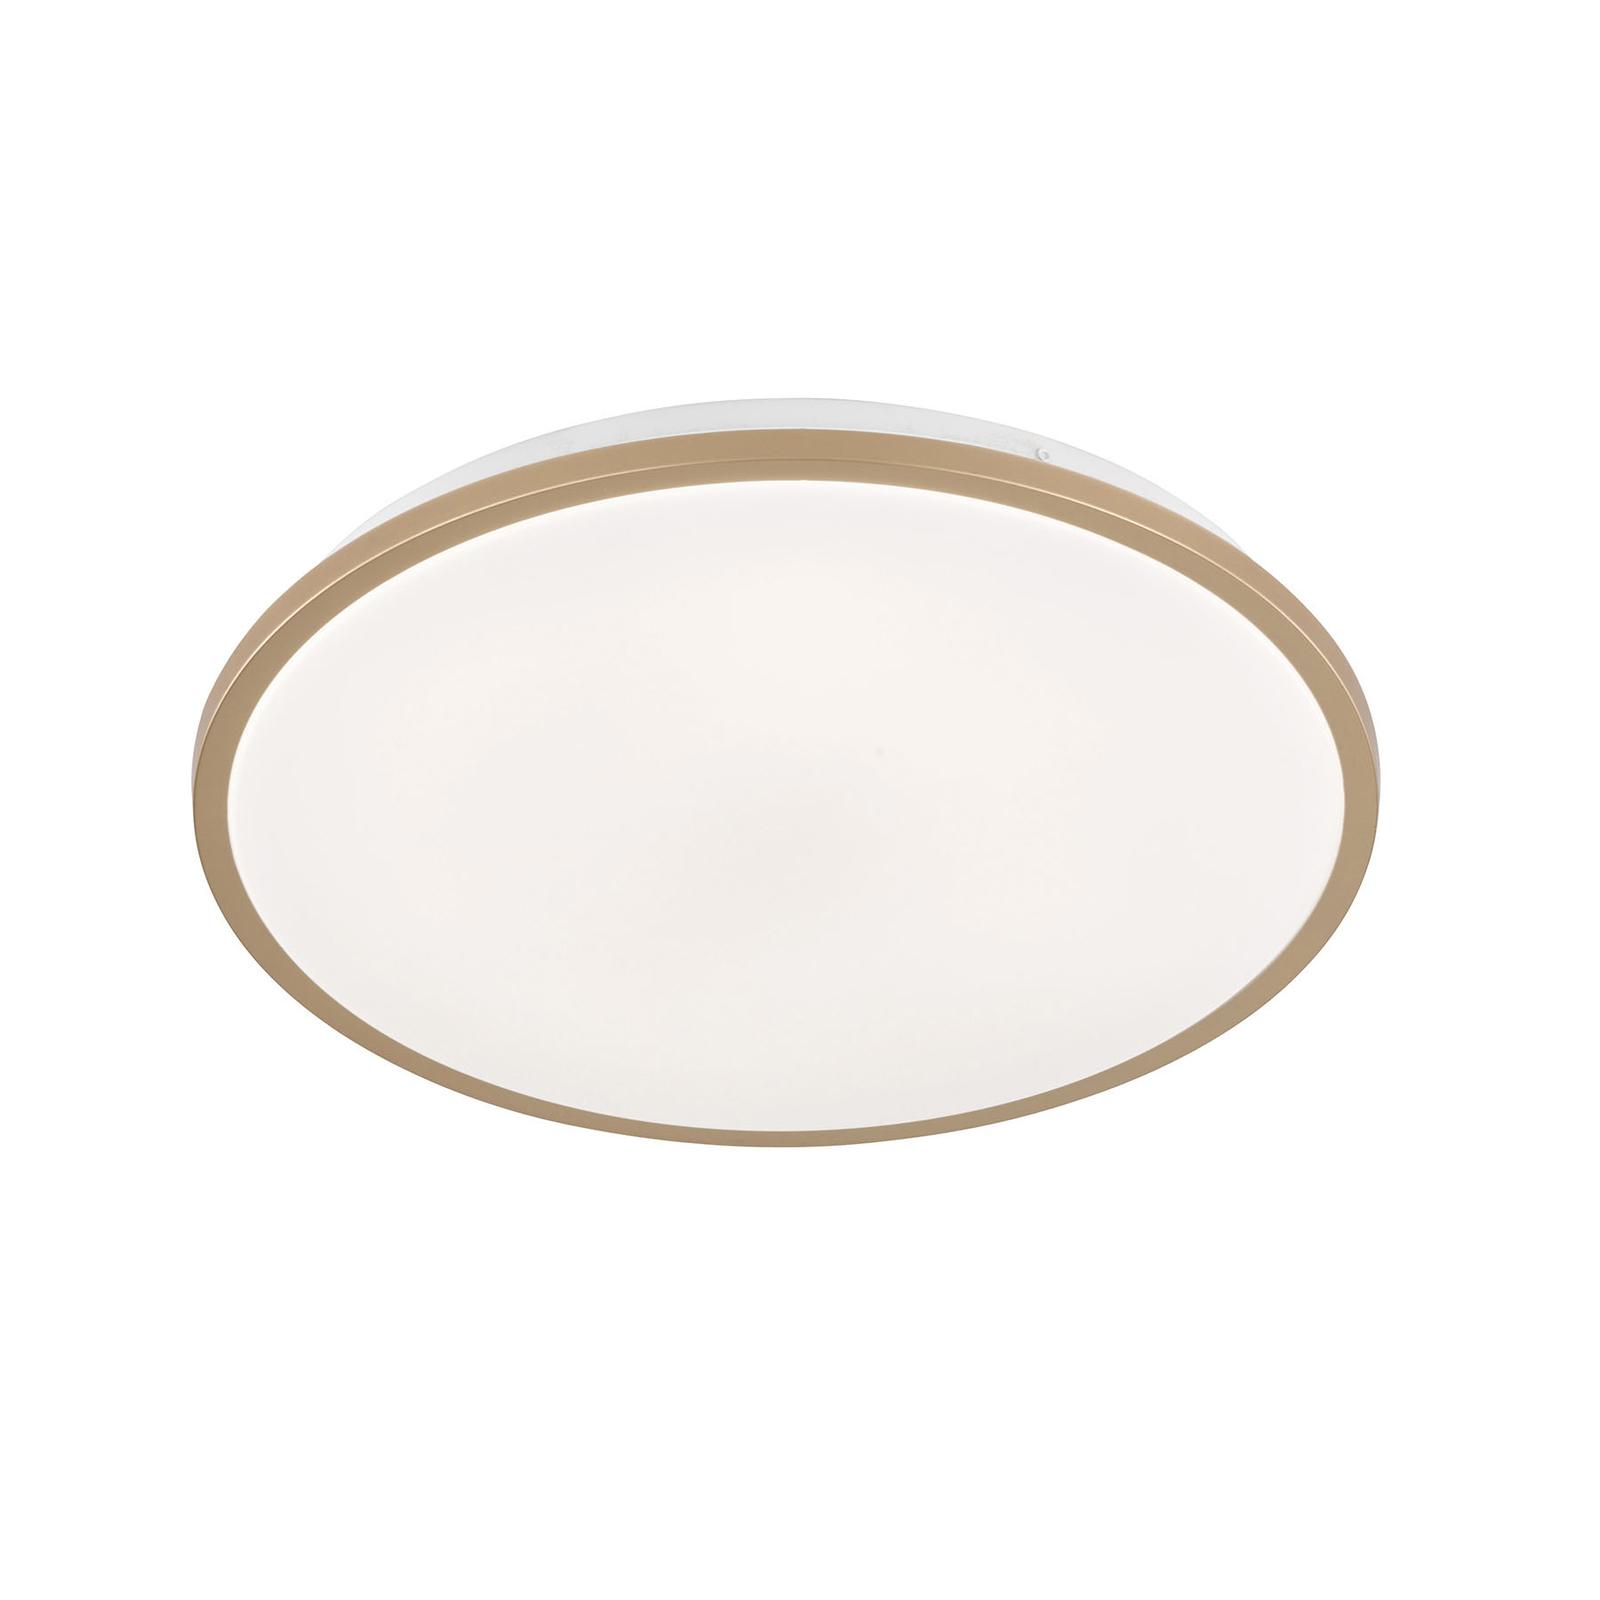 LED-taklampe Jaso BS, Ø 39 cm, gull